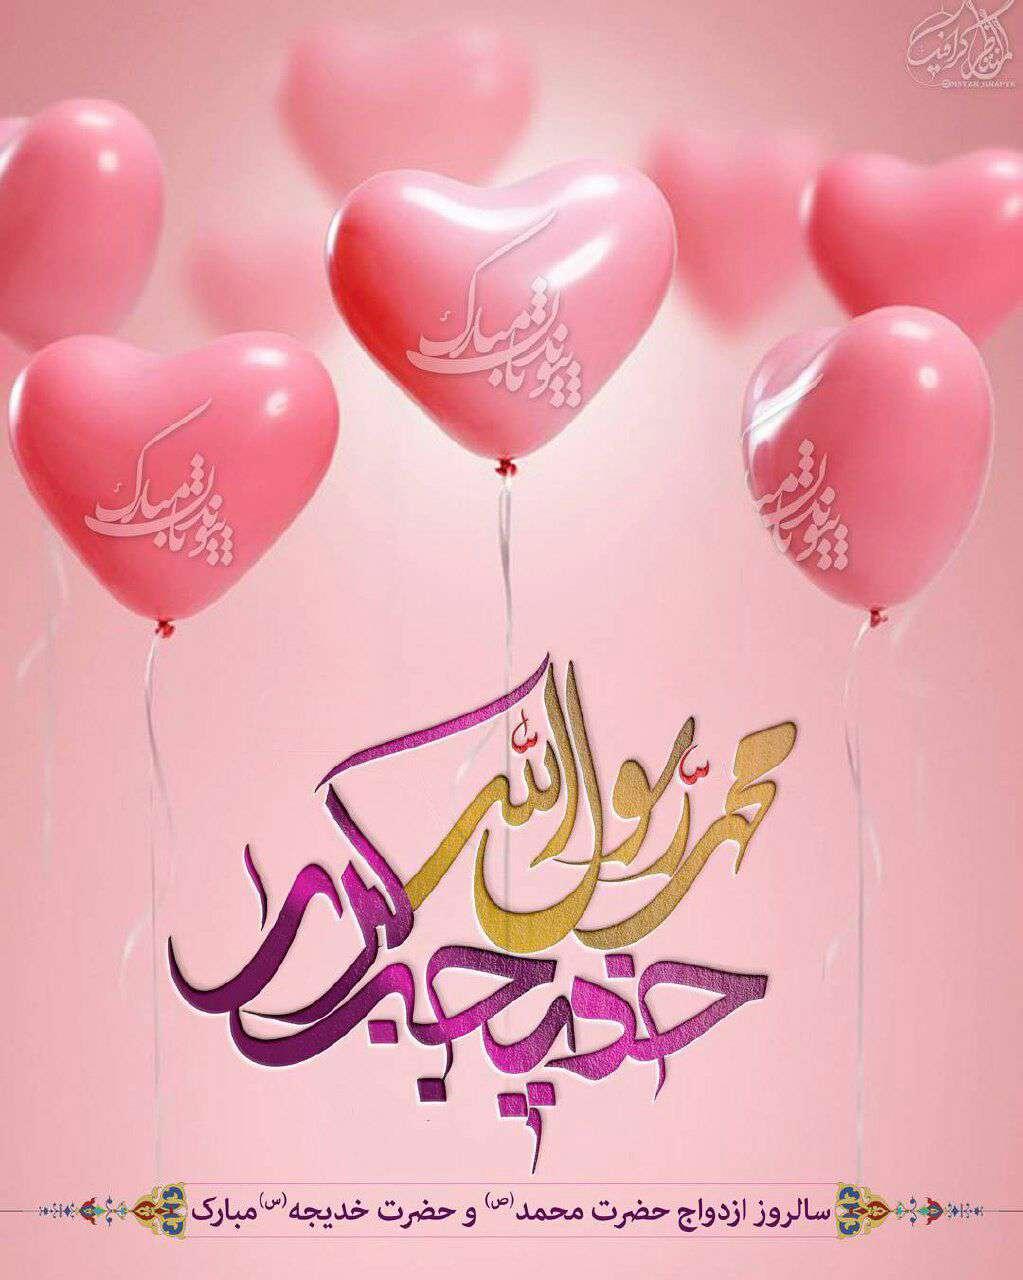 ازدواج حضرت محمد و حضرت خدیجه، پیوندتان مبارک